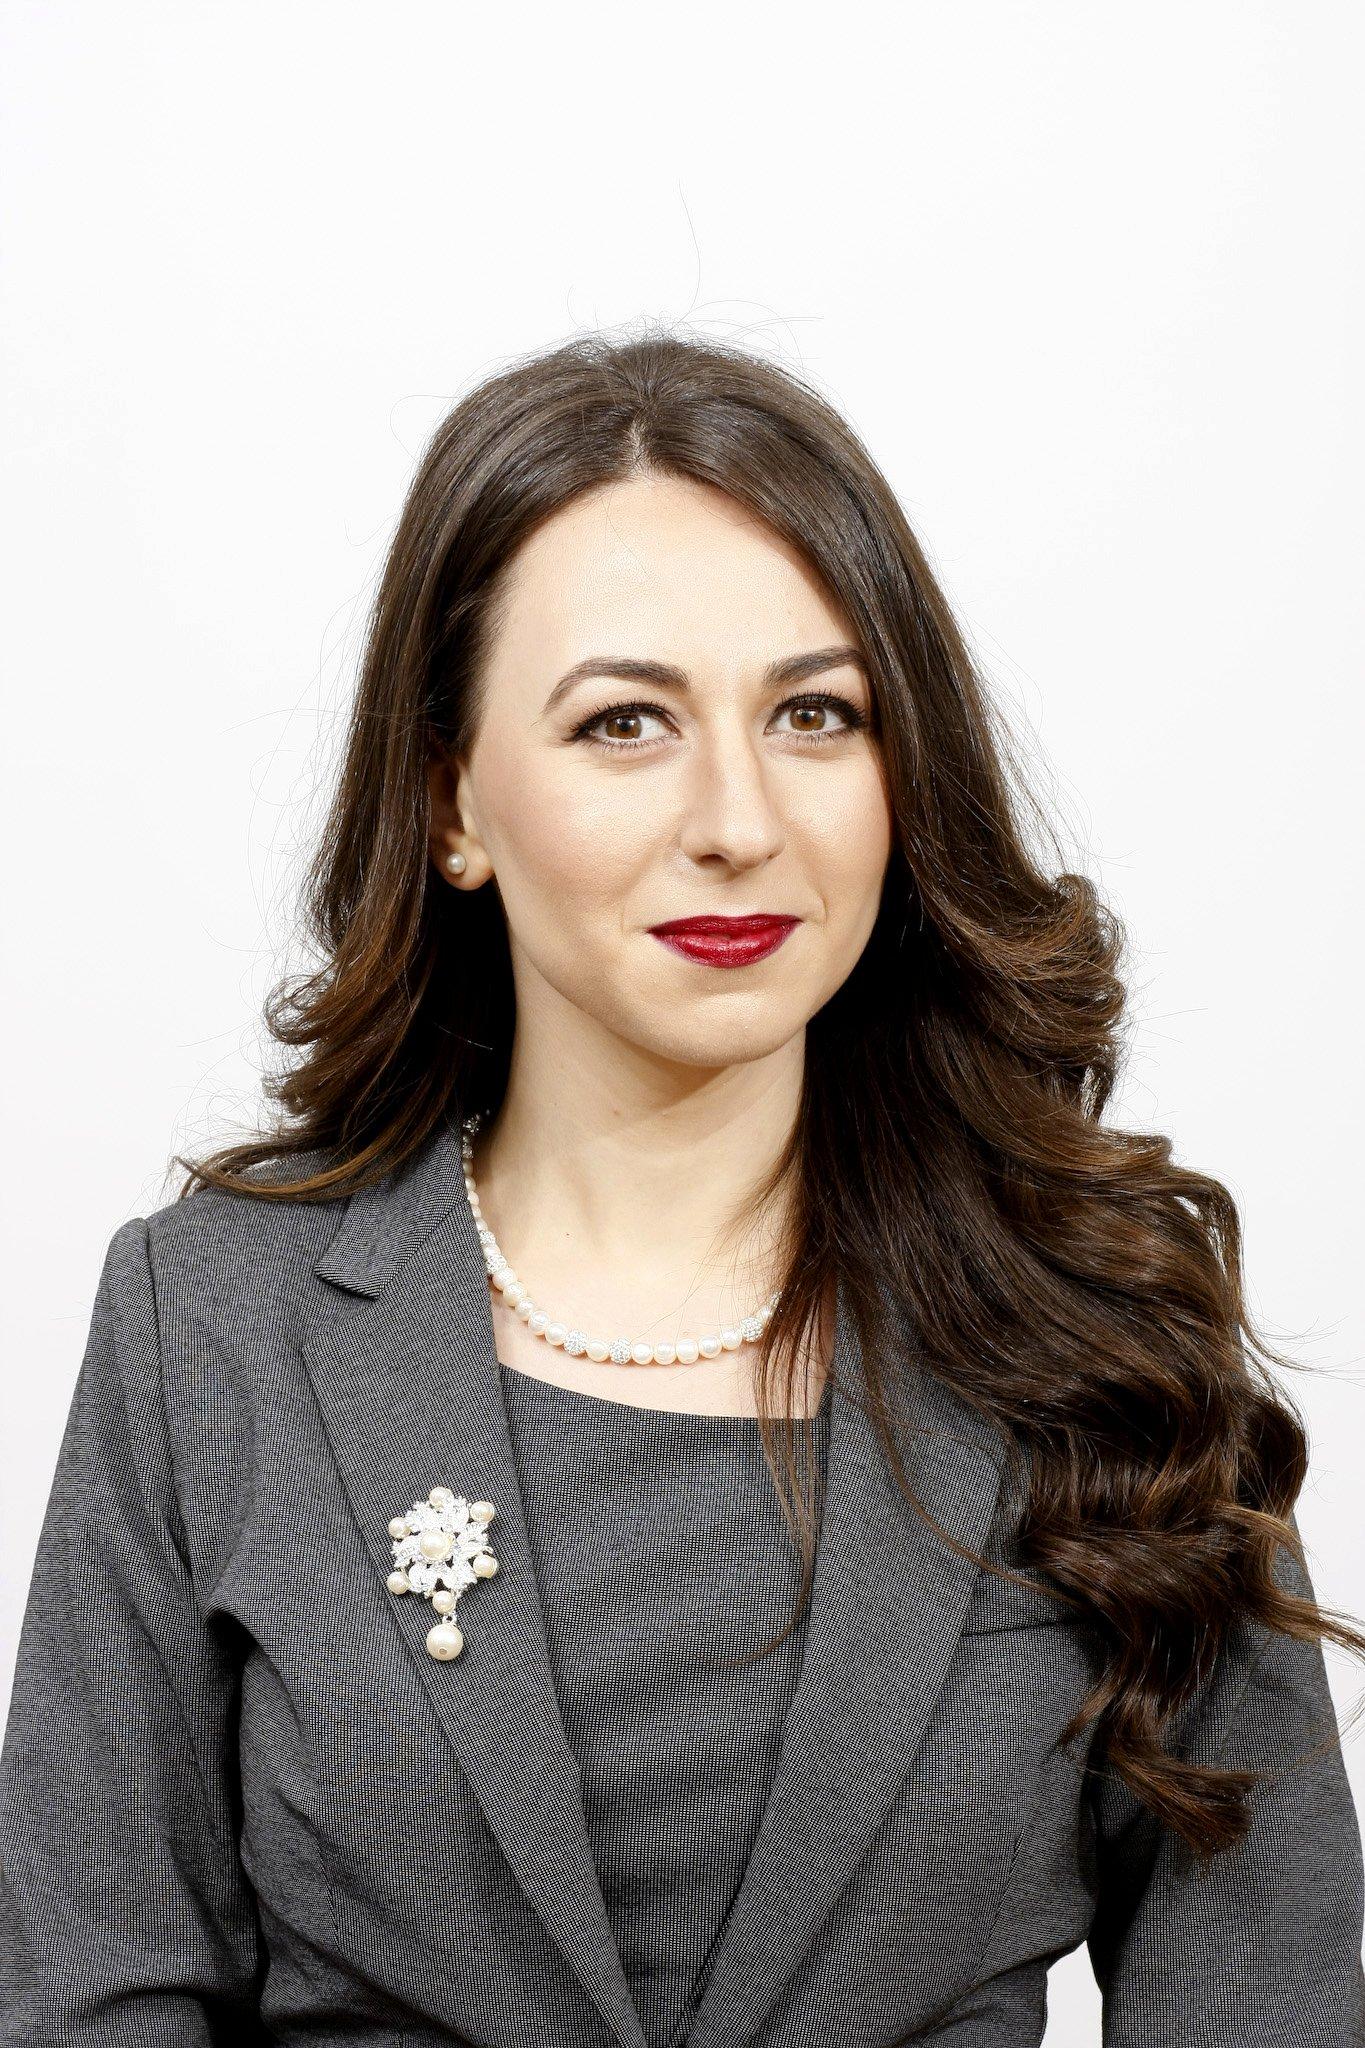 Merna Maroky